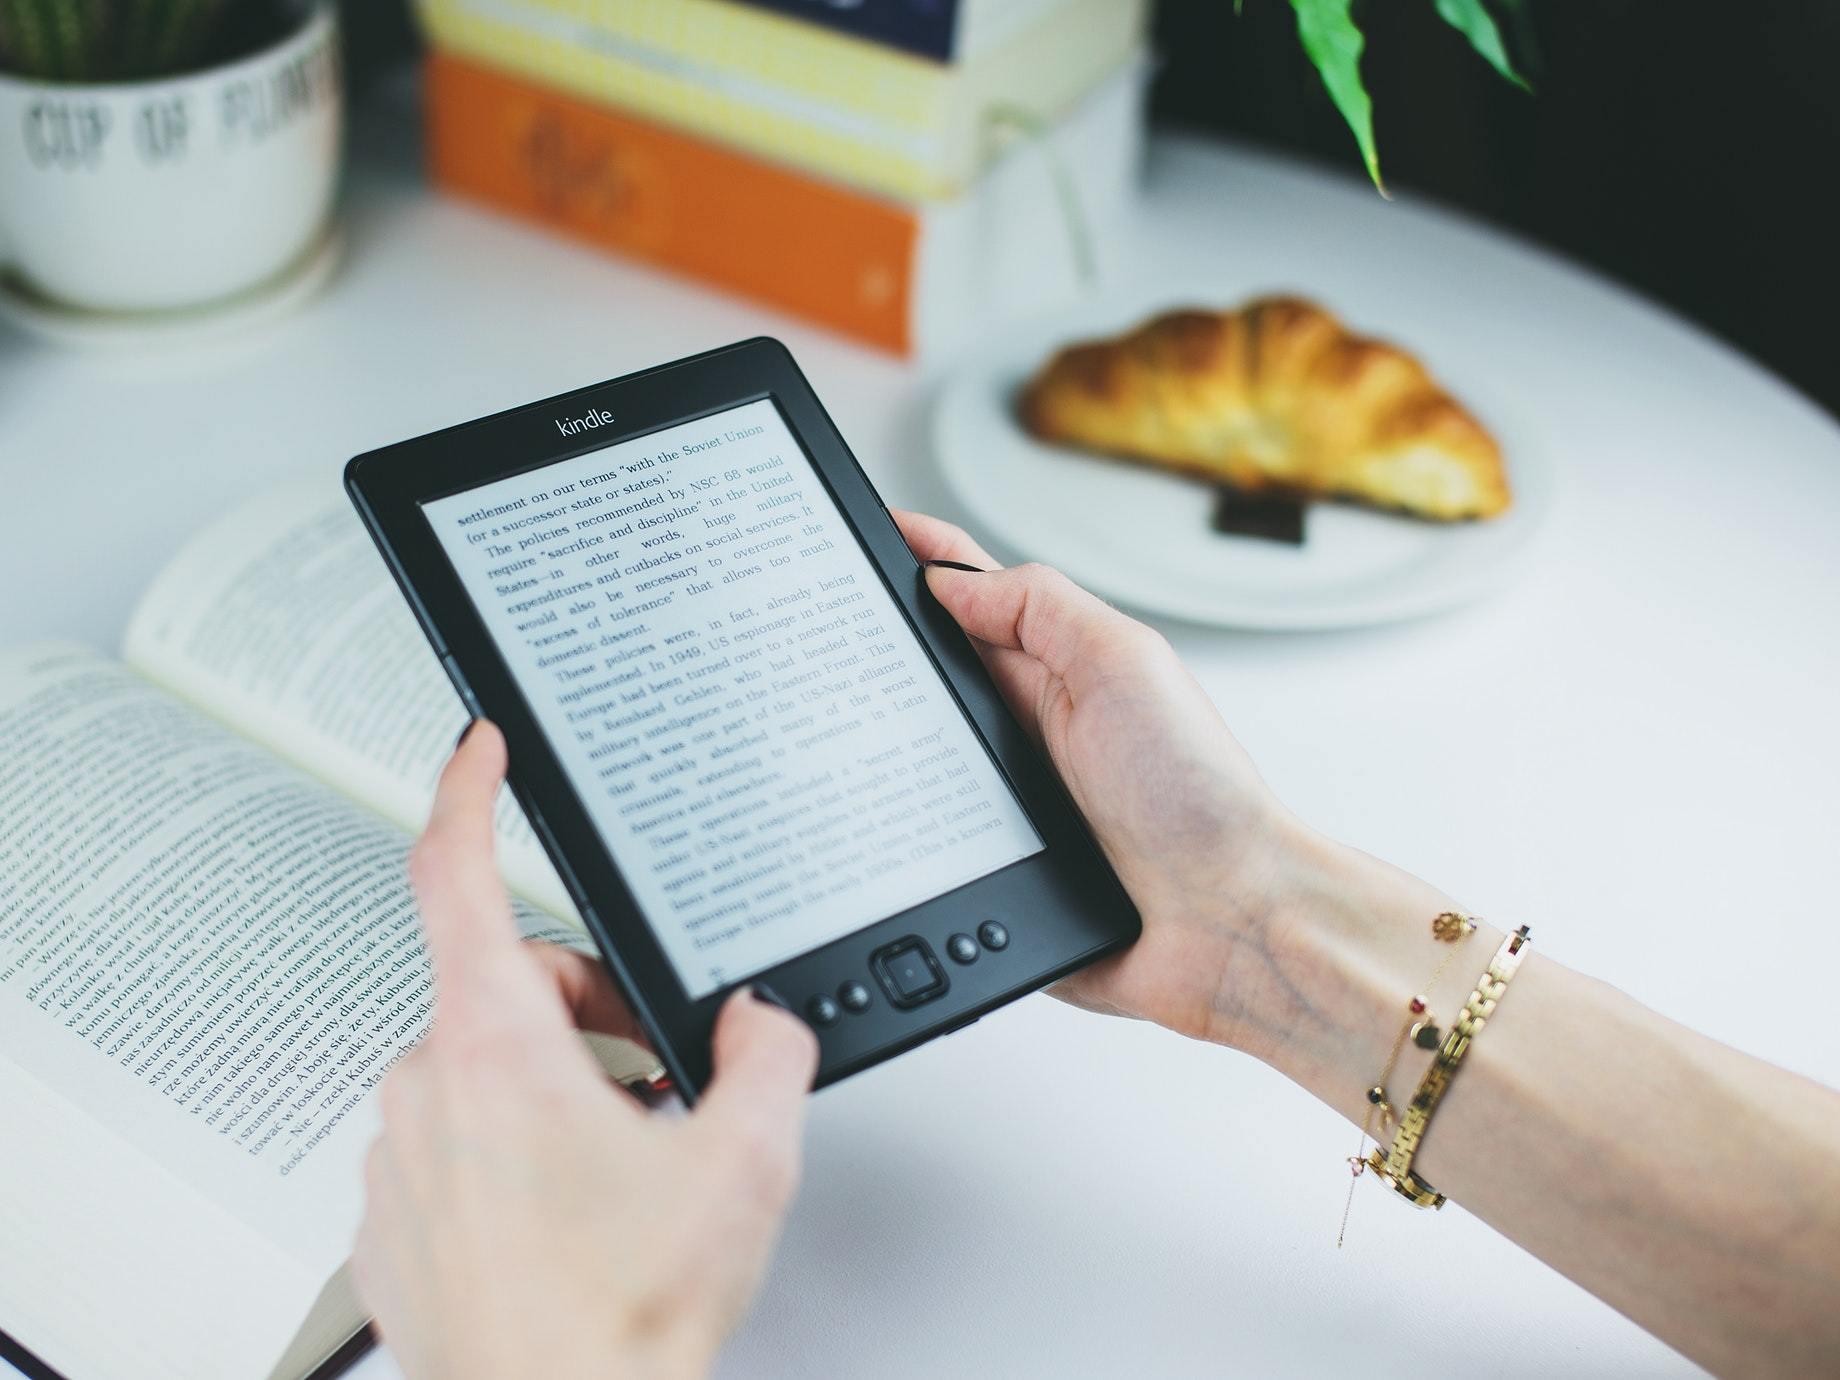 市占率從1%到3%,電子書市場的痛點仍不夠痛